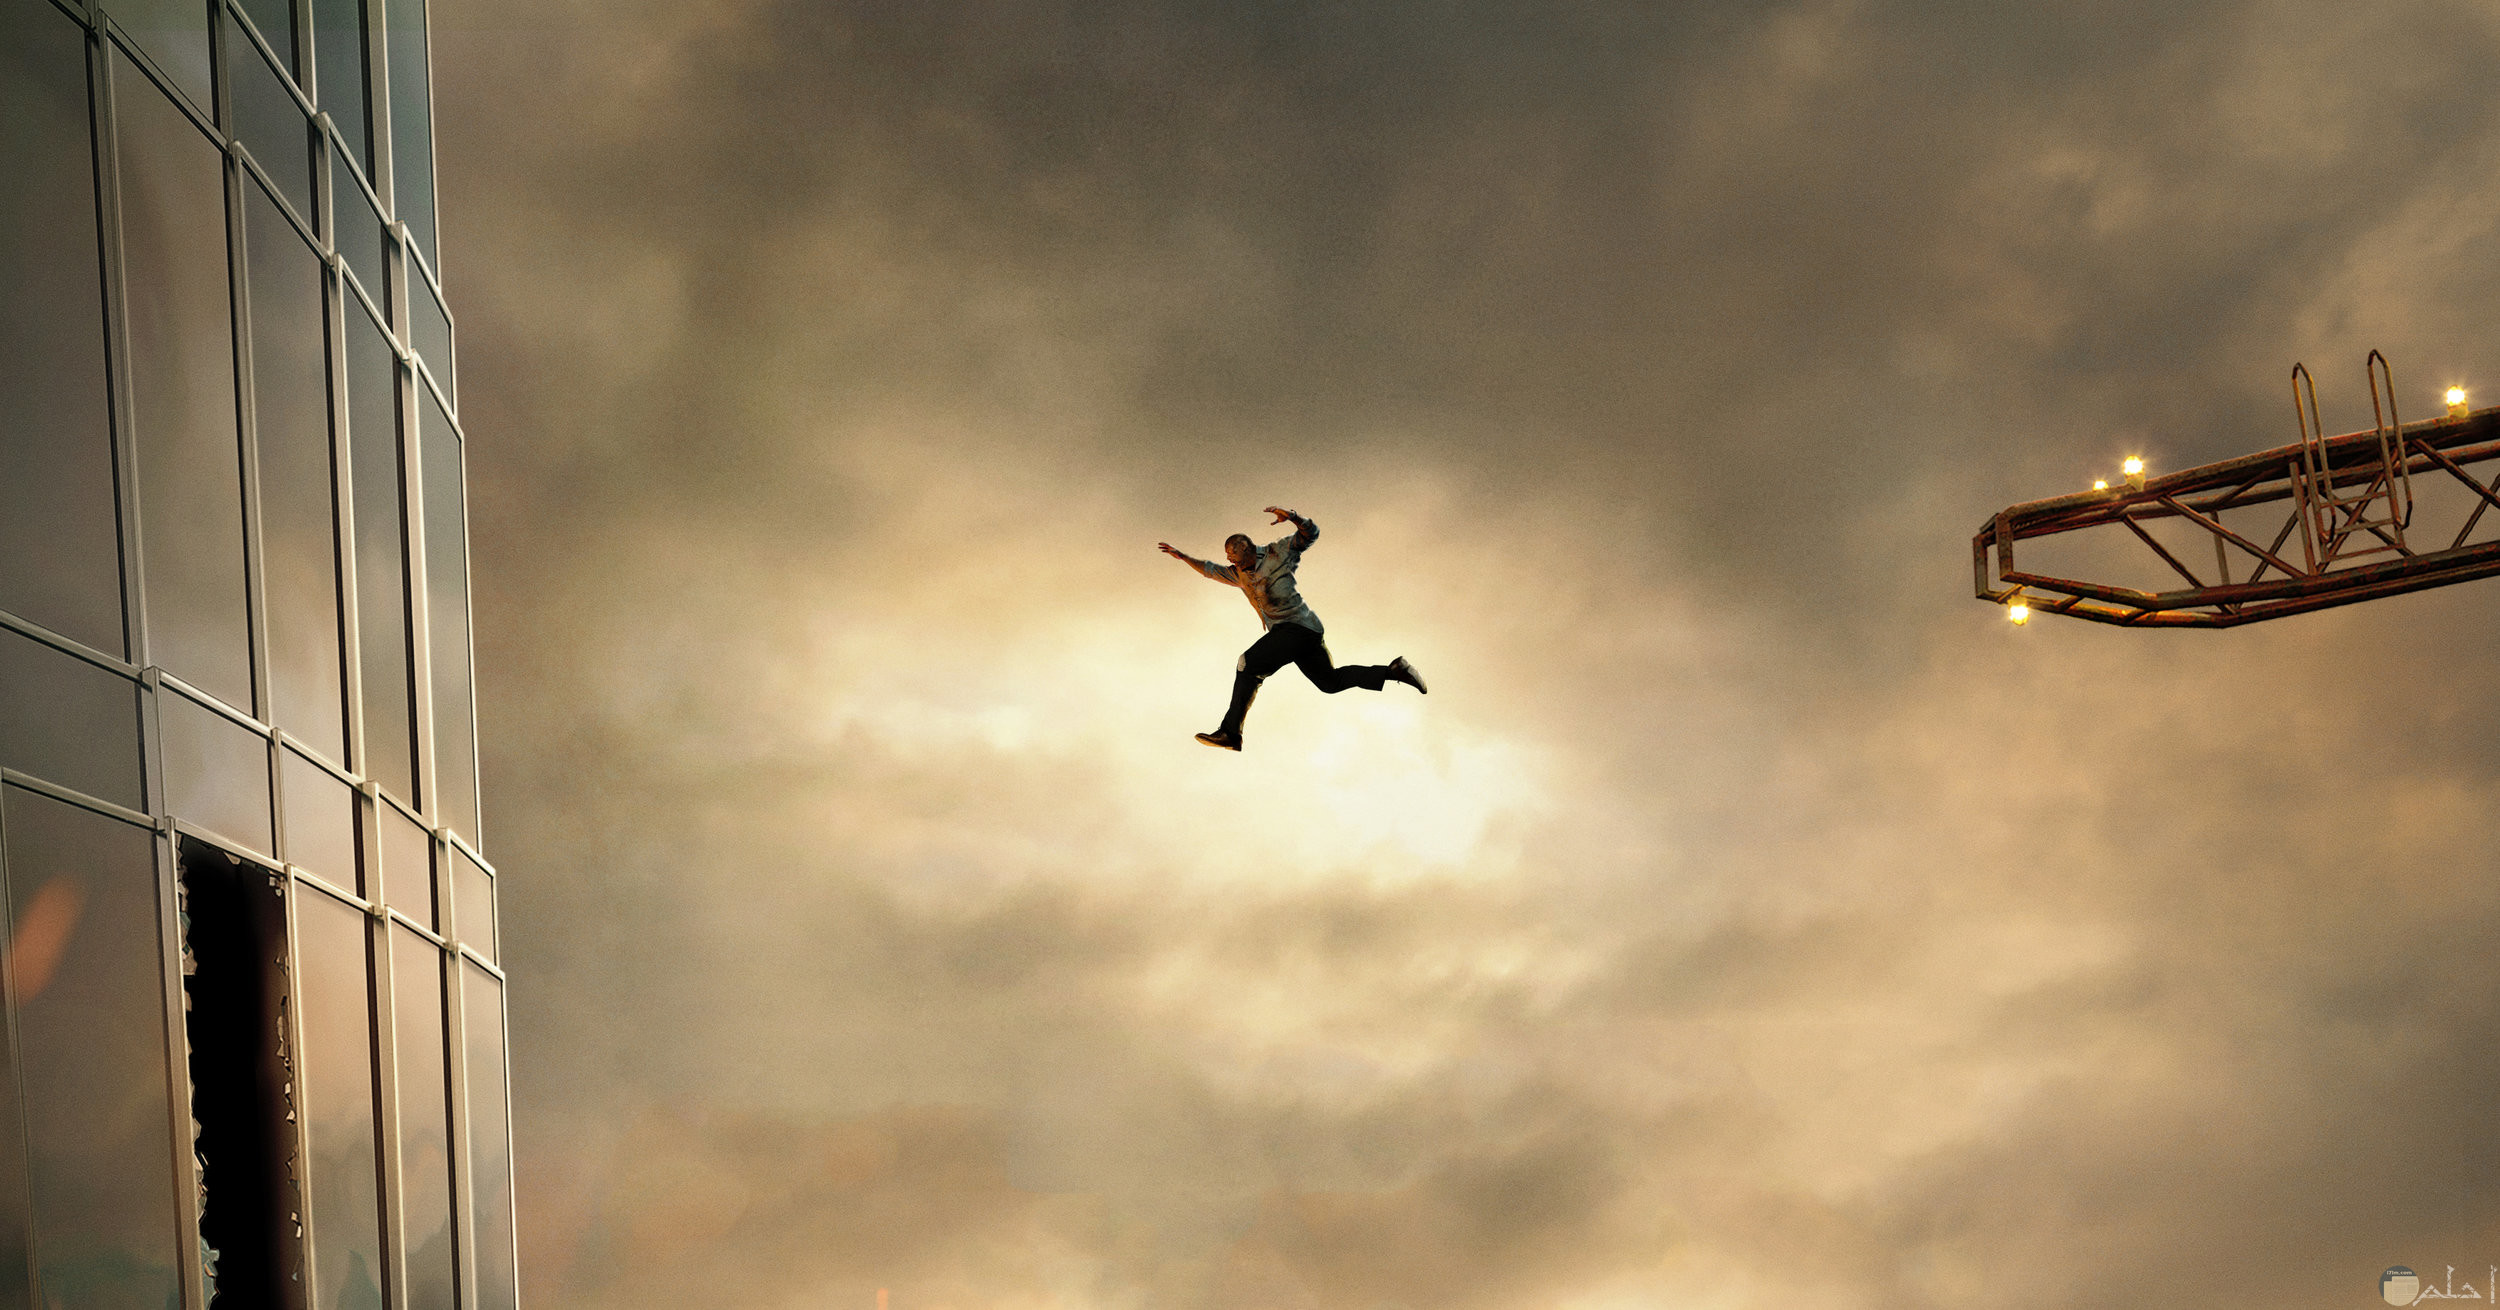 صور فوتوغرافيا لشاب يطير بالهواء